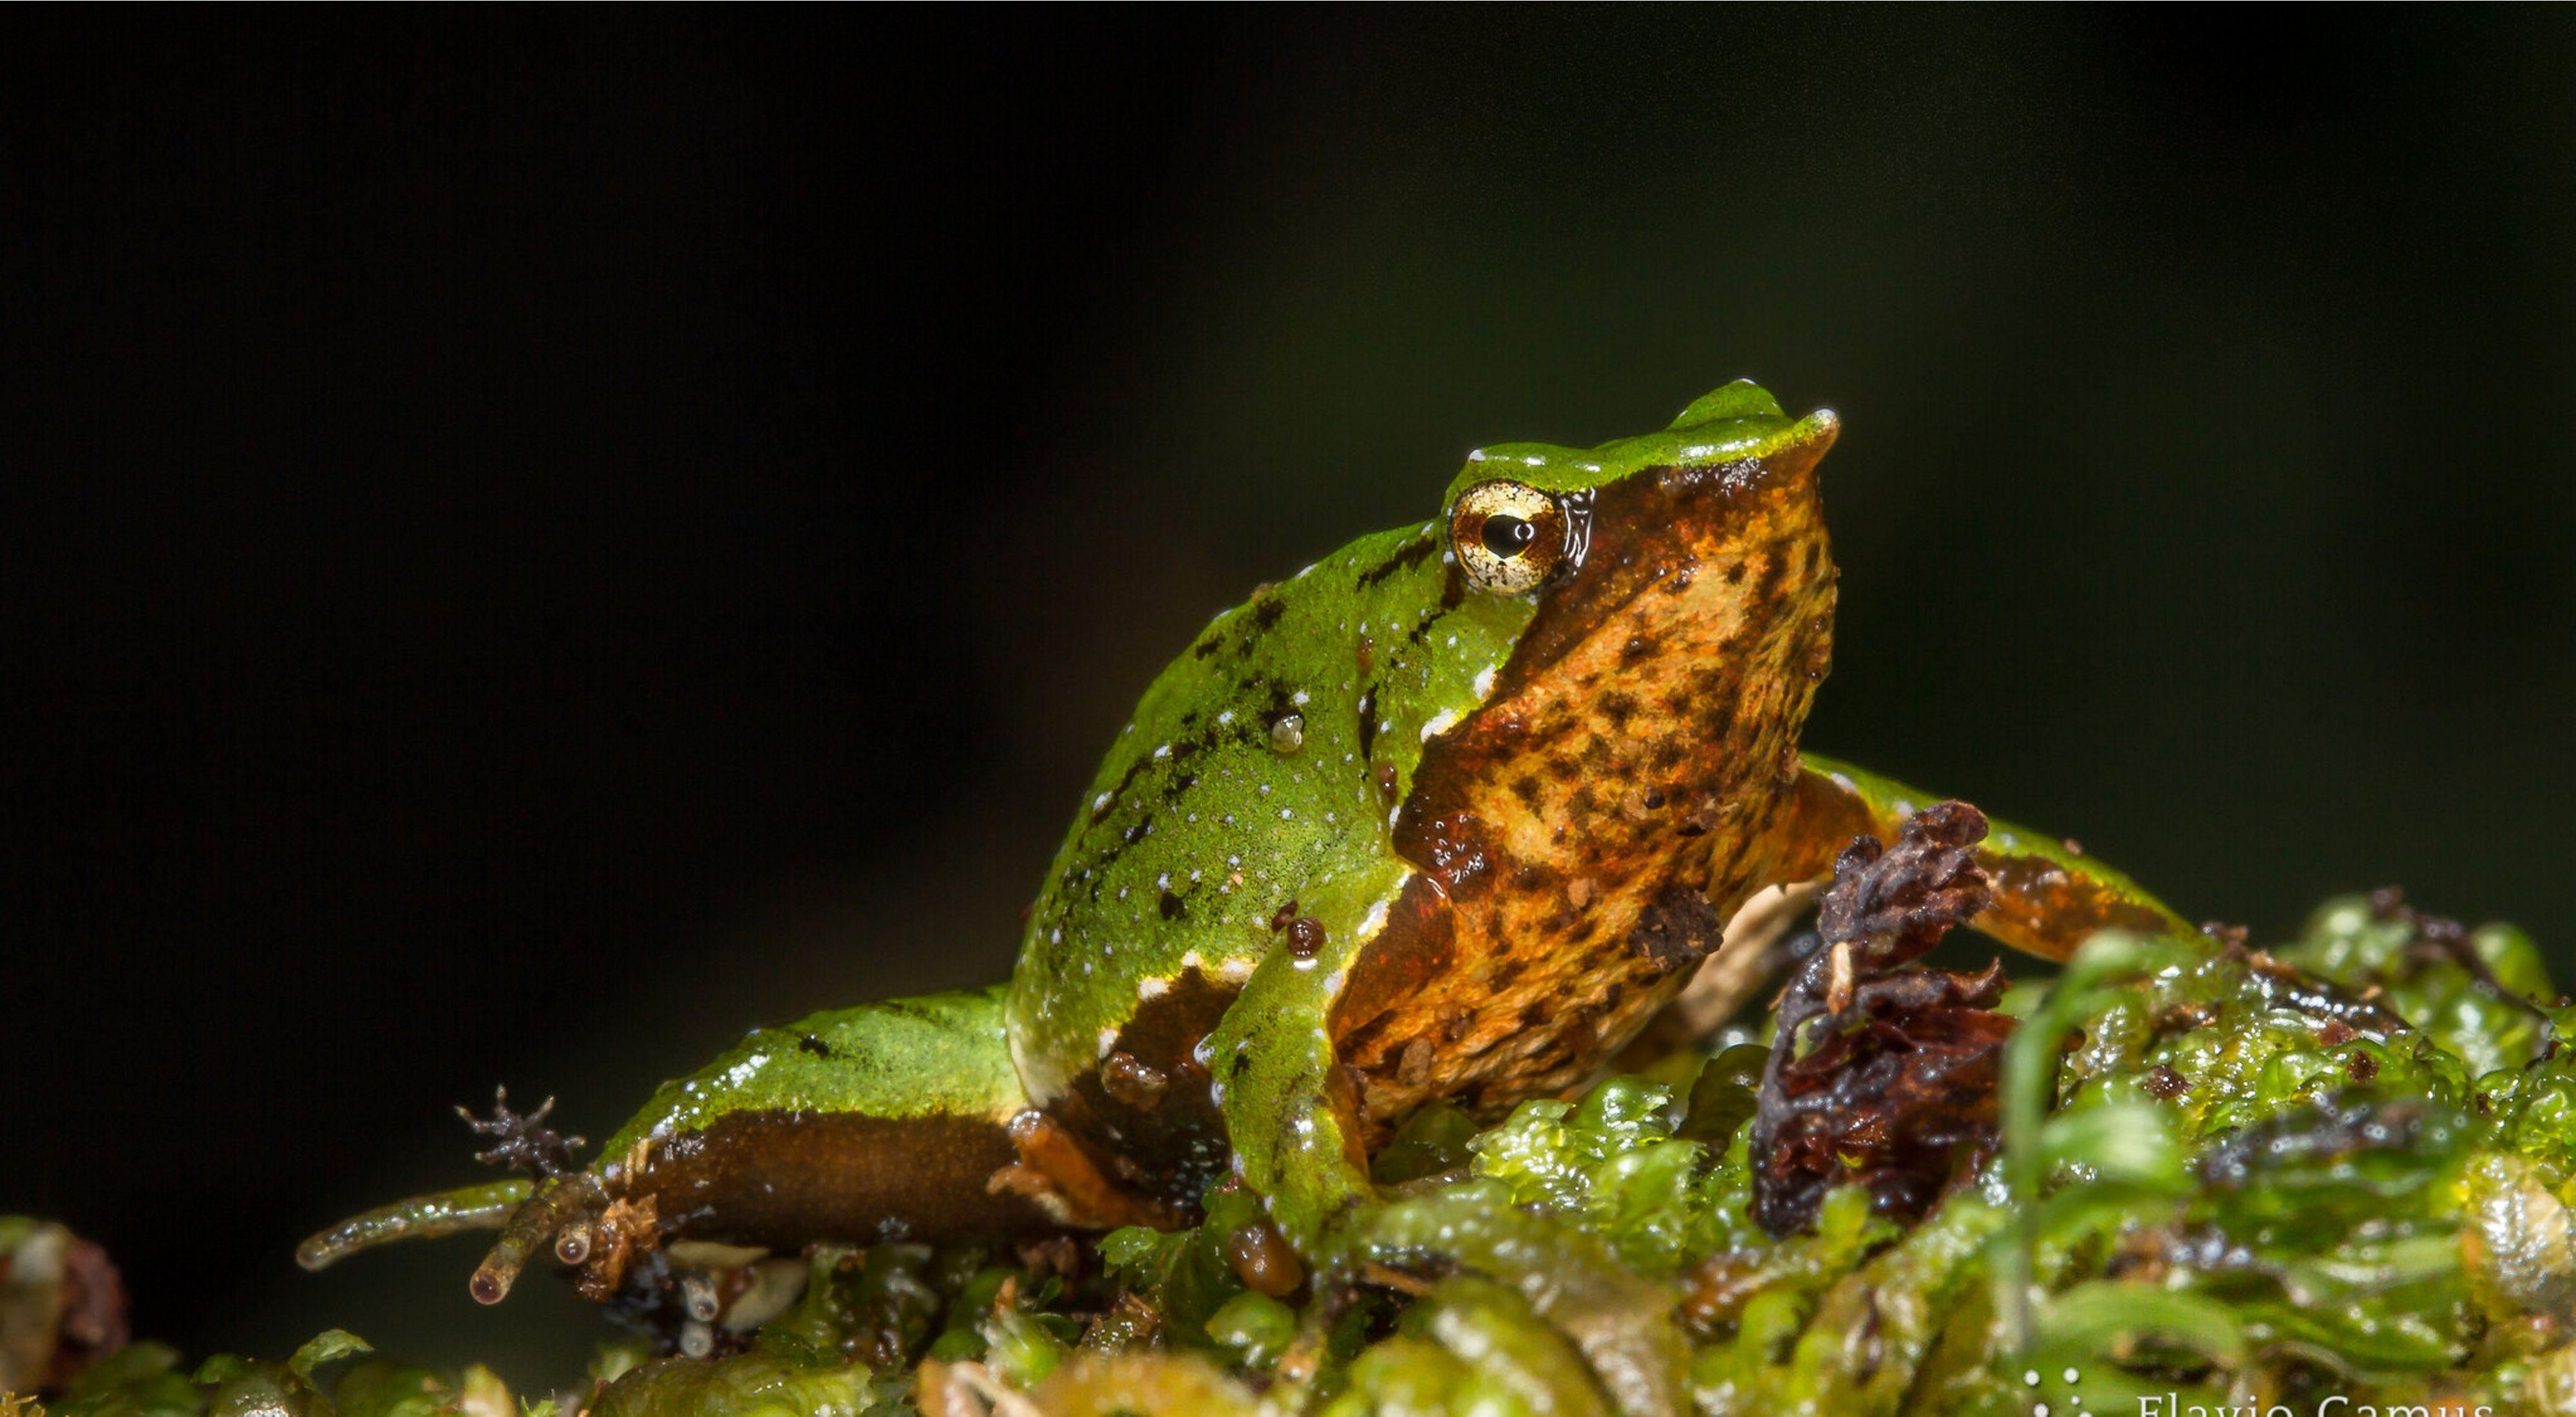 Esta especie de anfibio nativa del sur de América está en peligro de extinción.